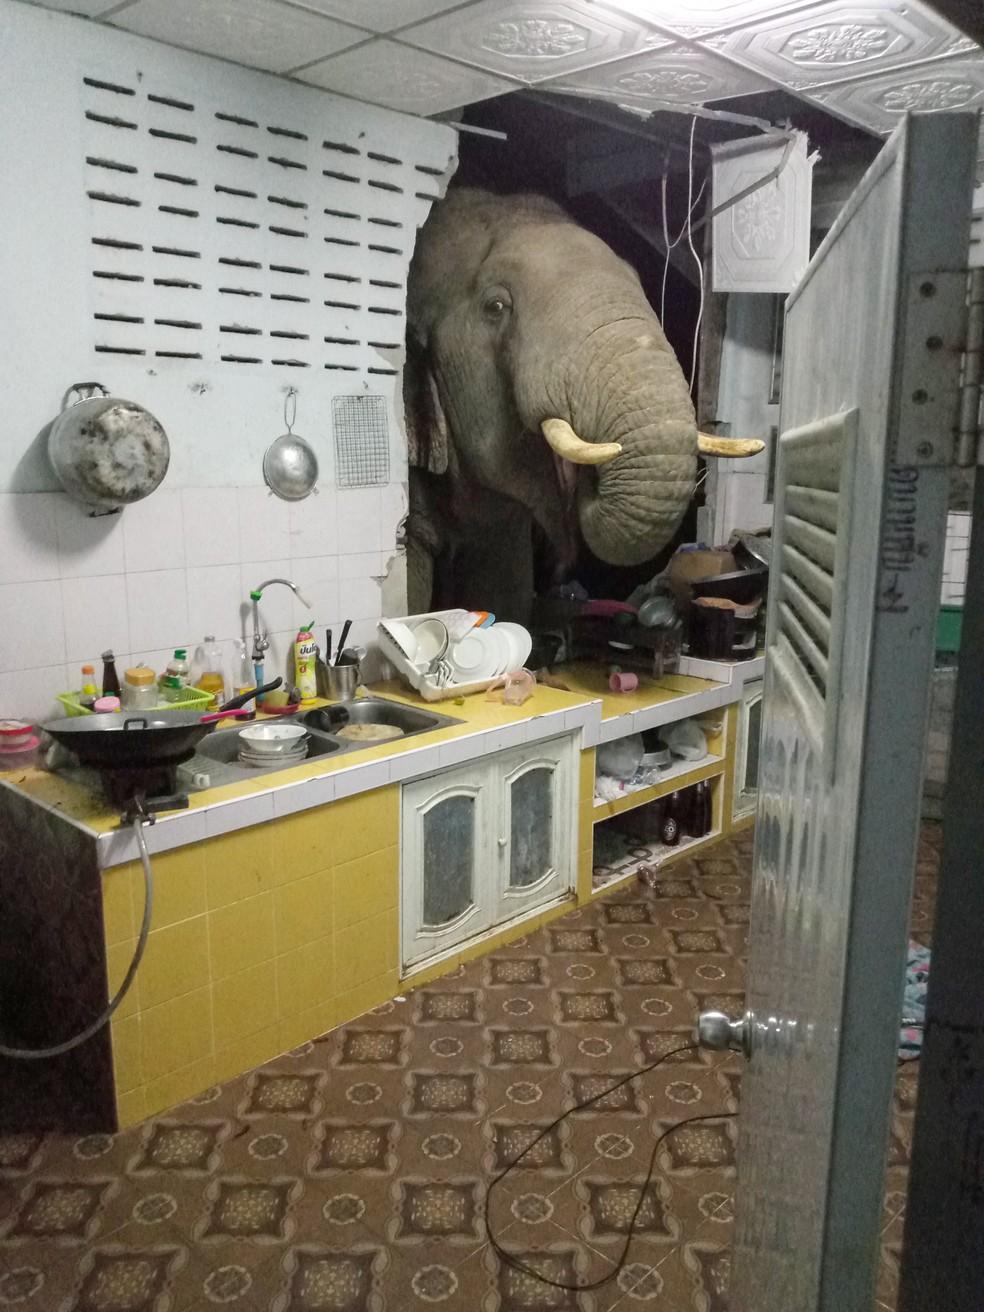 Elefante procura comida na cozinha de casa em Pa La-U, Hua Hin, na Tailândia. A foto foi tirada pela dona do imóvel, Radchadawan Peungprasopporn, em 20 de junho de 2021. — Foto: Radchadawan Peungprasopporn/Facebook/AFP